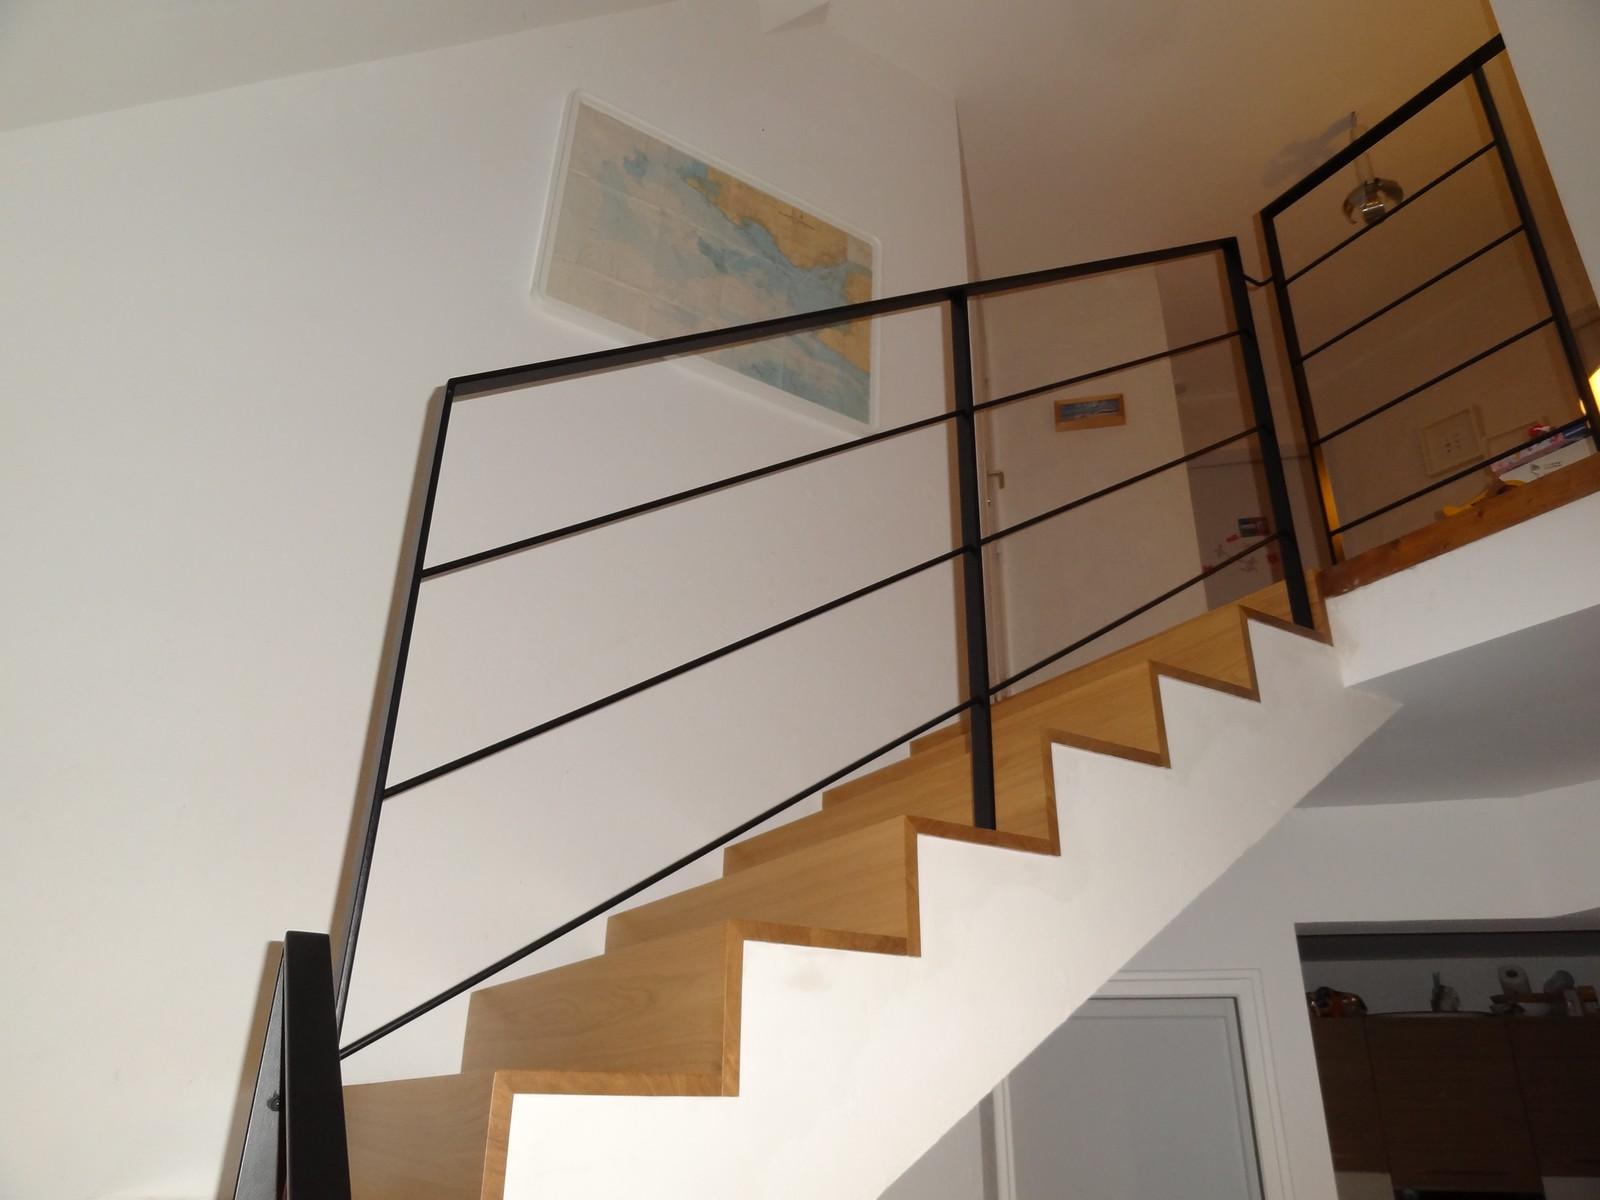 Escalier Bois Metal Noir accueil - atelier glotin à pontchateau fabrication d